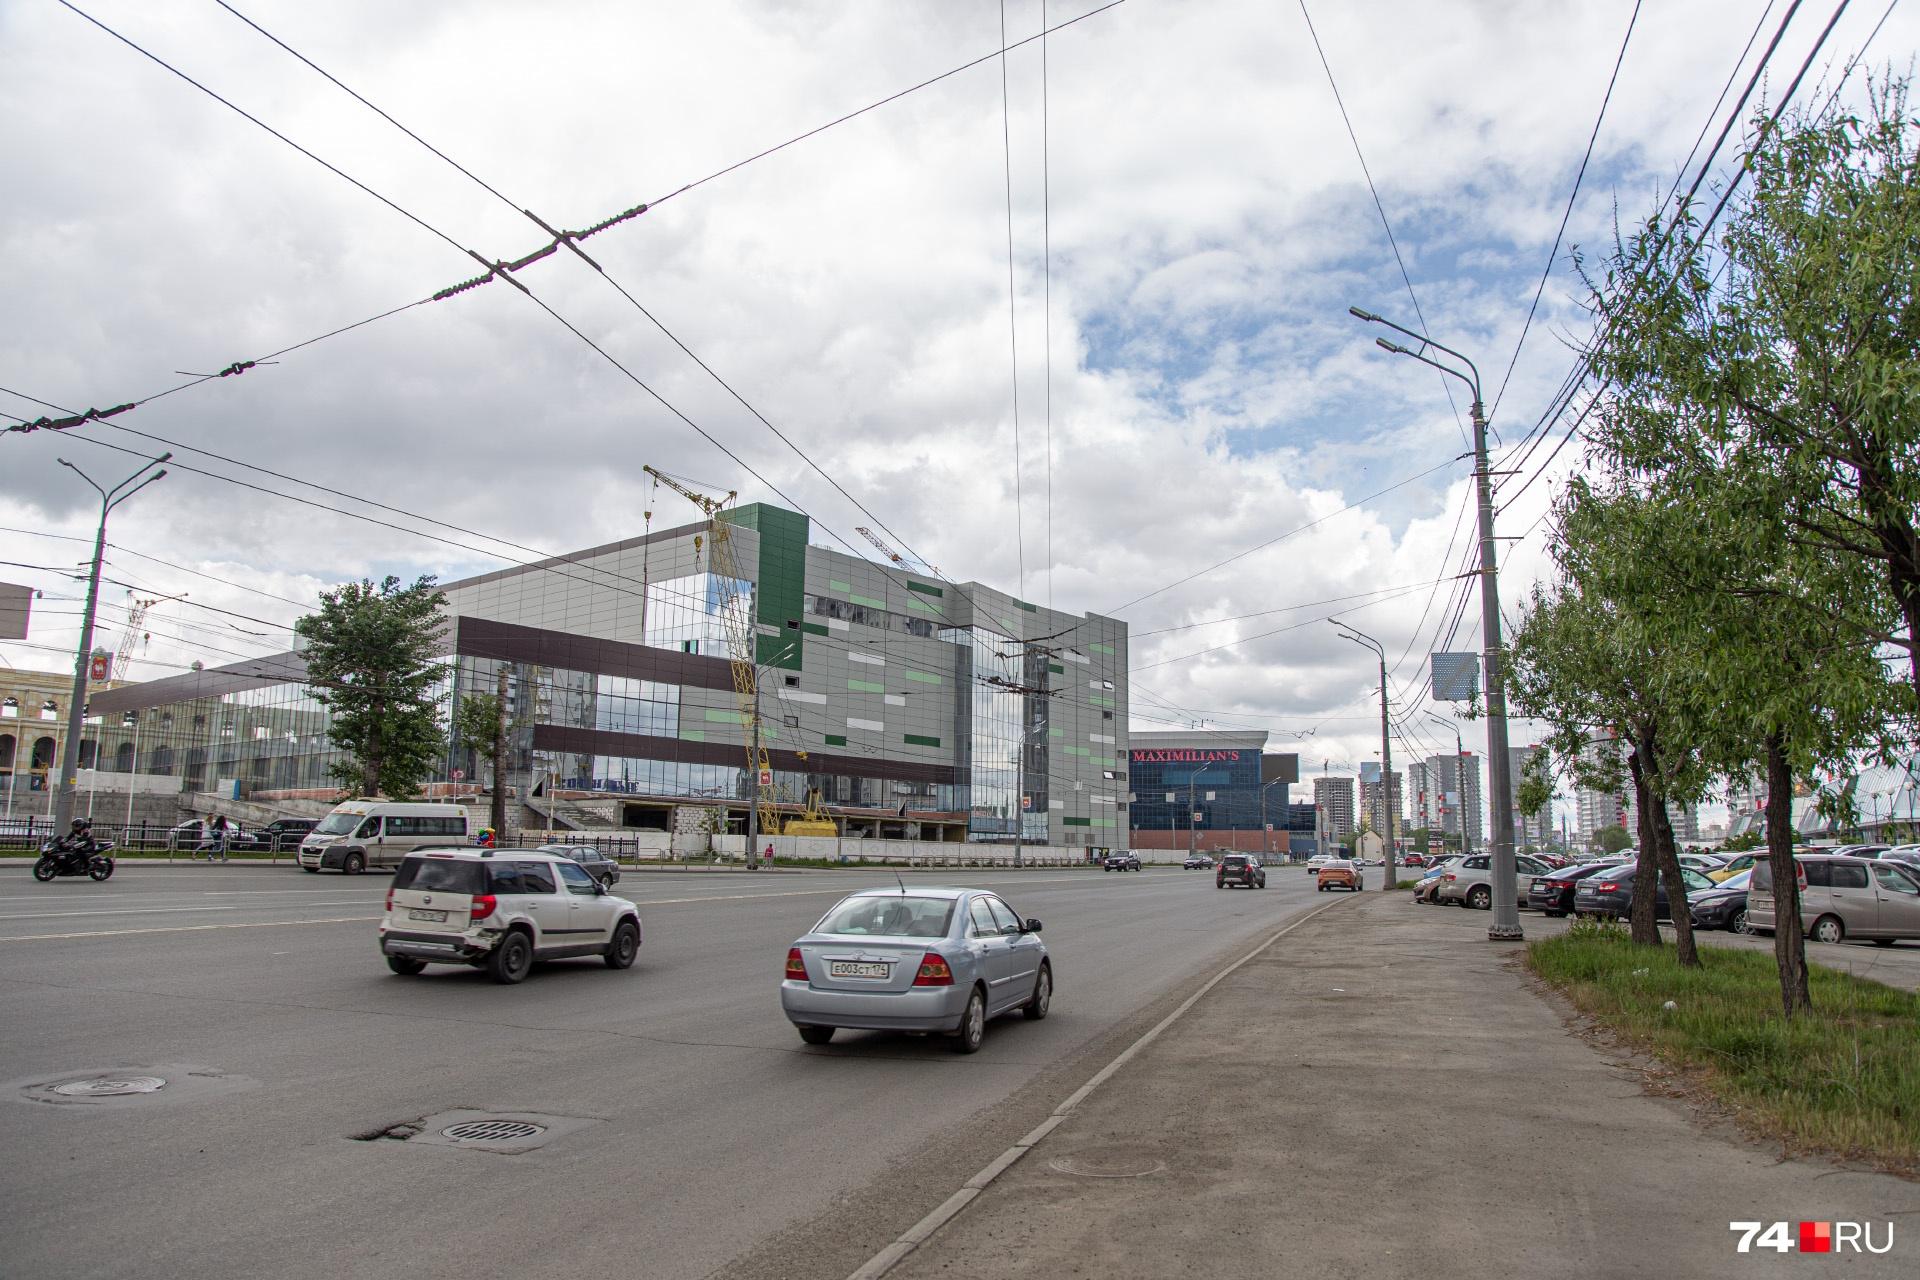 По факту с улицы Труда от стадиона виден лишь маленький кусочек